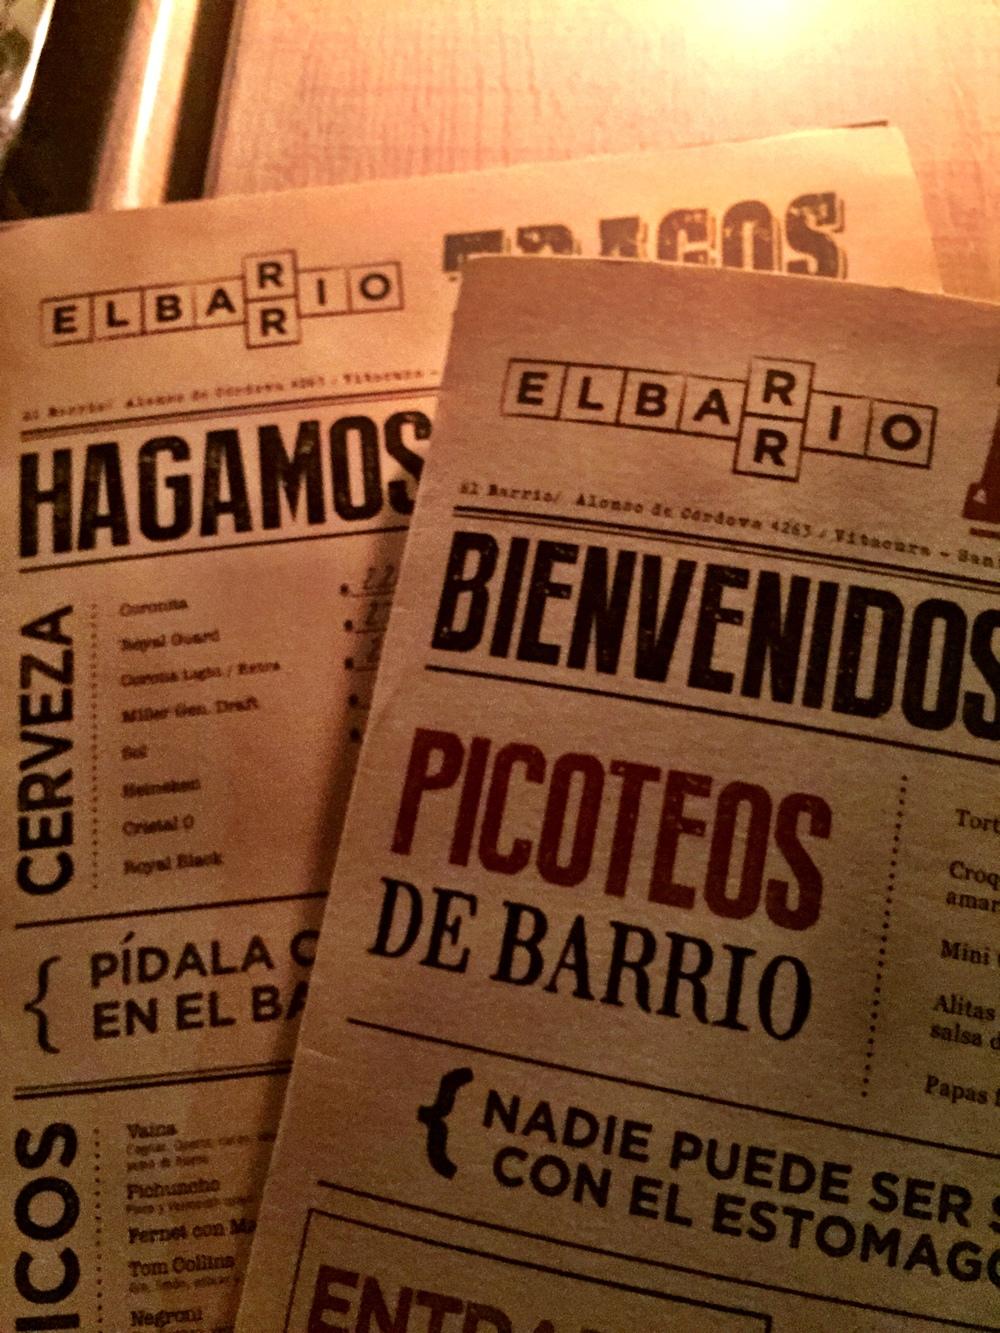 Adorei o cardápio do restaurante, lembra jornais antigos né?